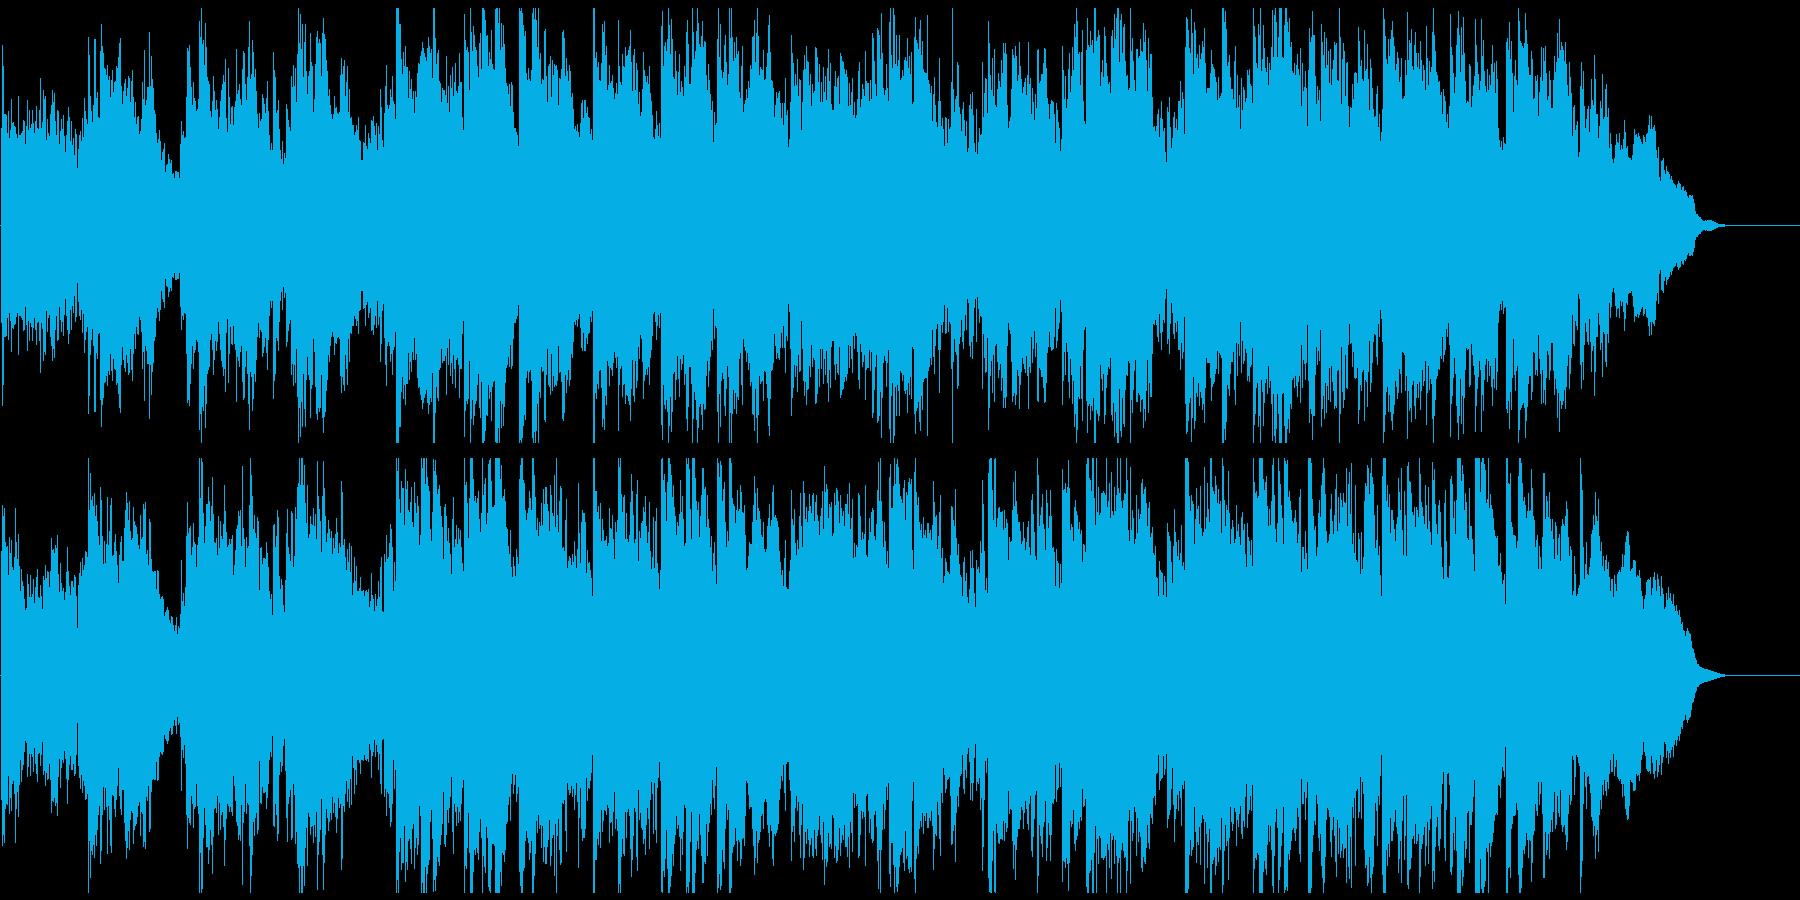 壮大で大河ドラマ的な和風曲 篠笛生演奏の再生済みの波形